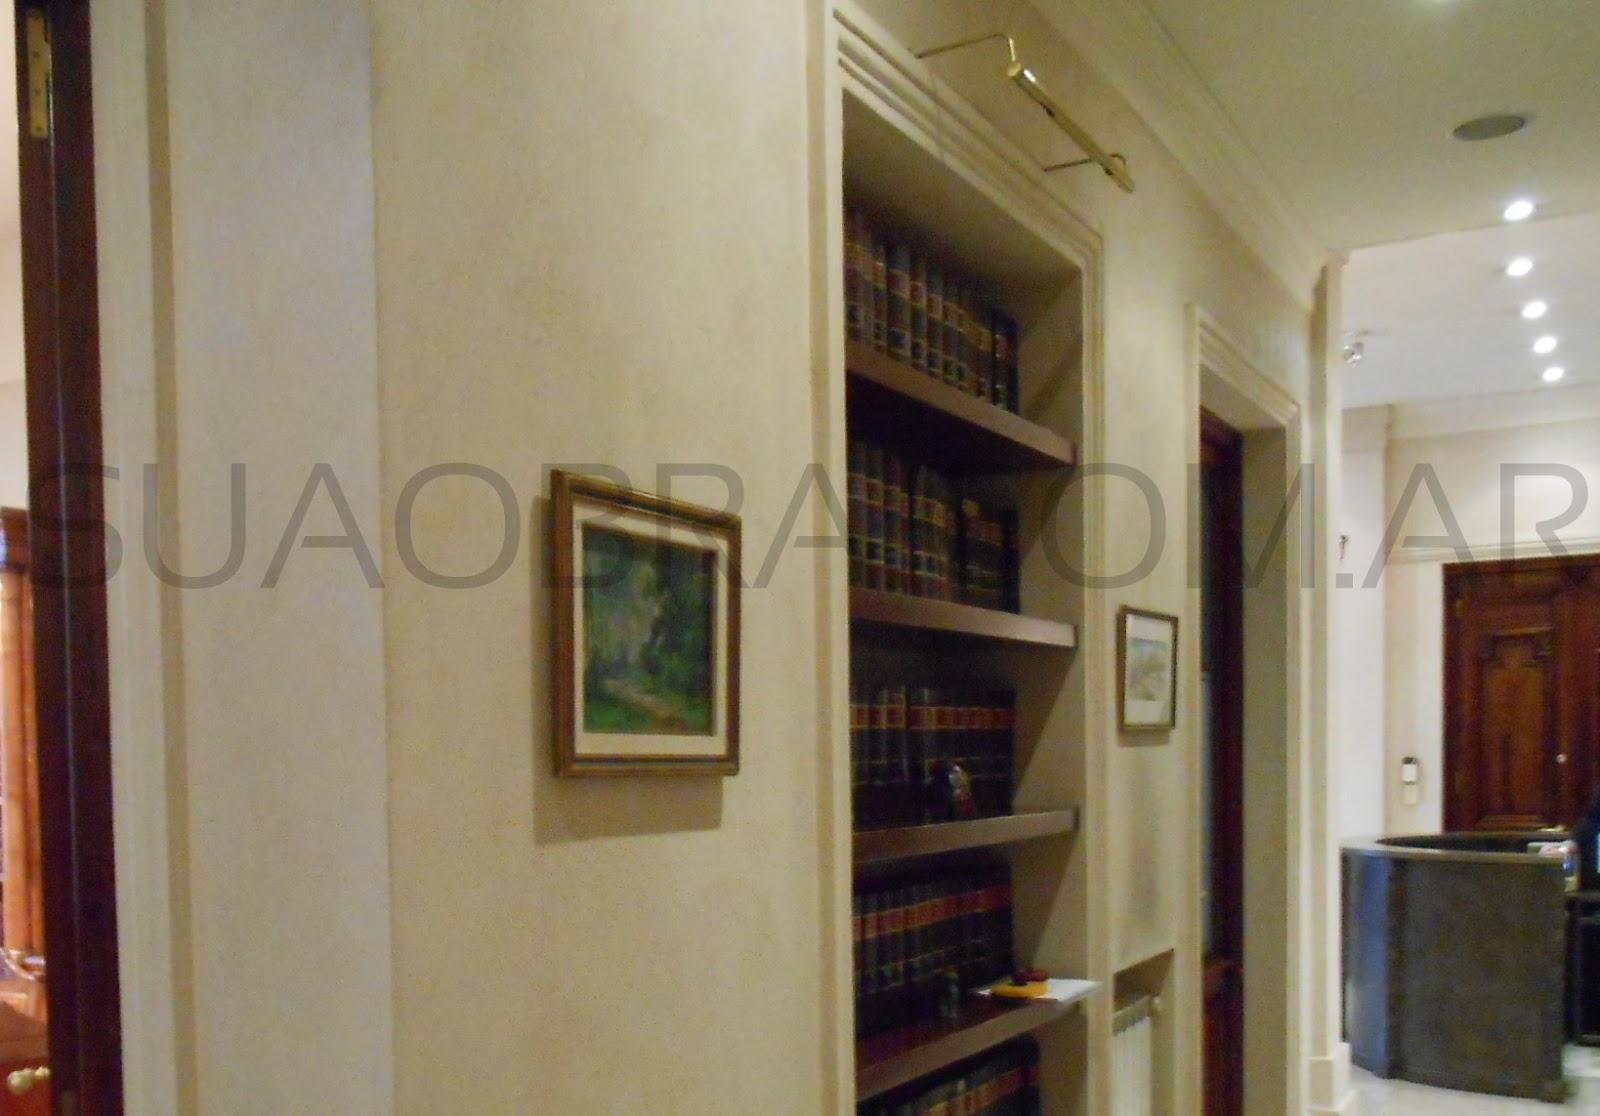 Tarquini color toscana revestimiento pl stico para paredes - Revestimientos para techos interiores ...